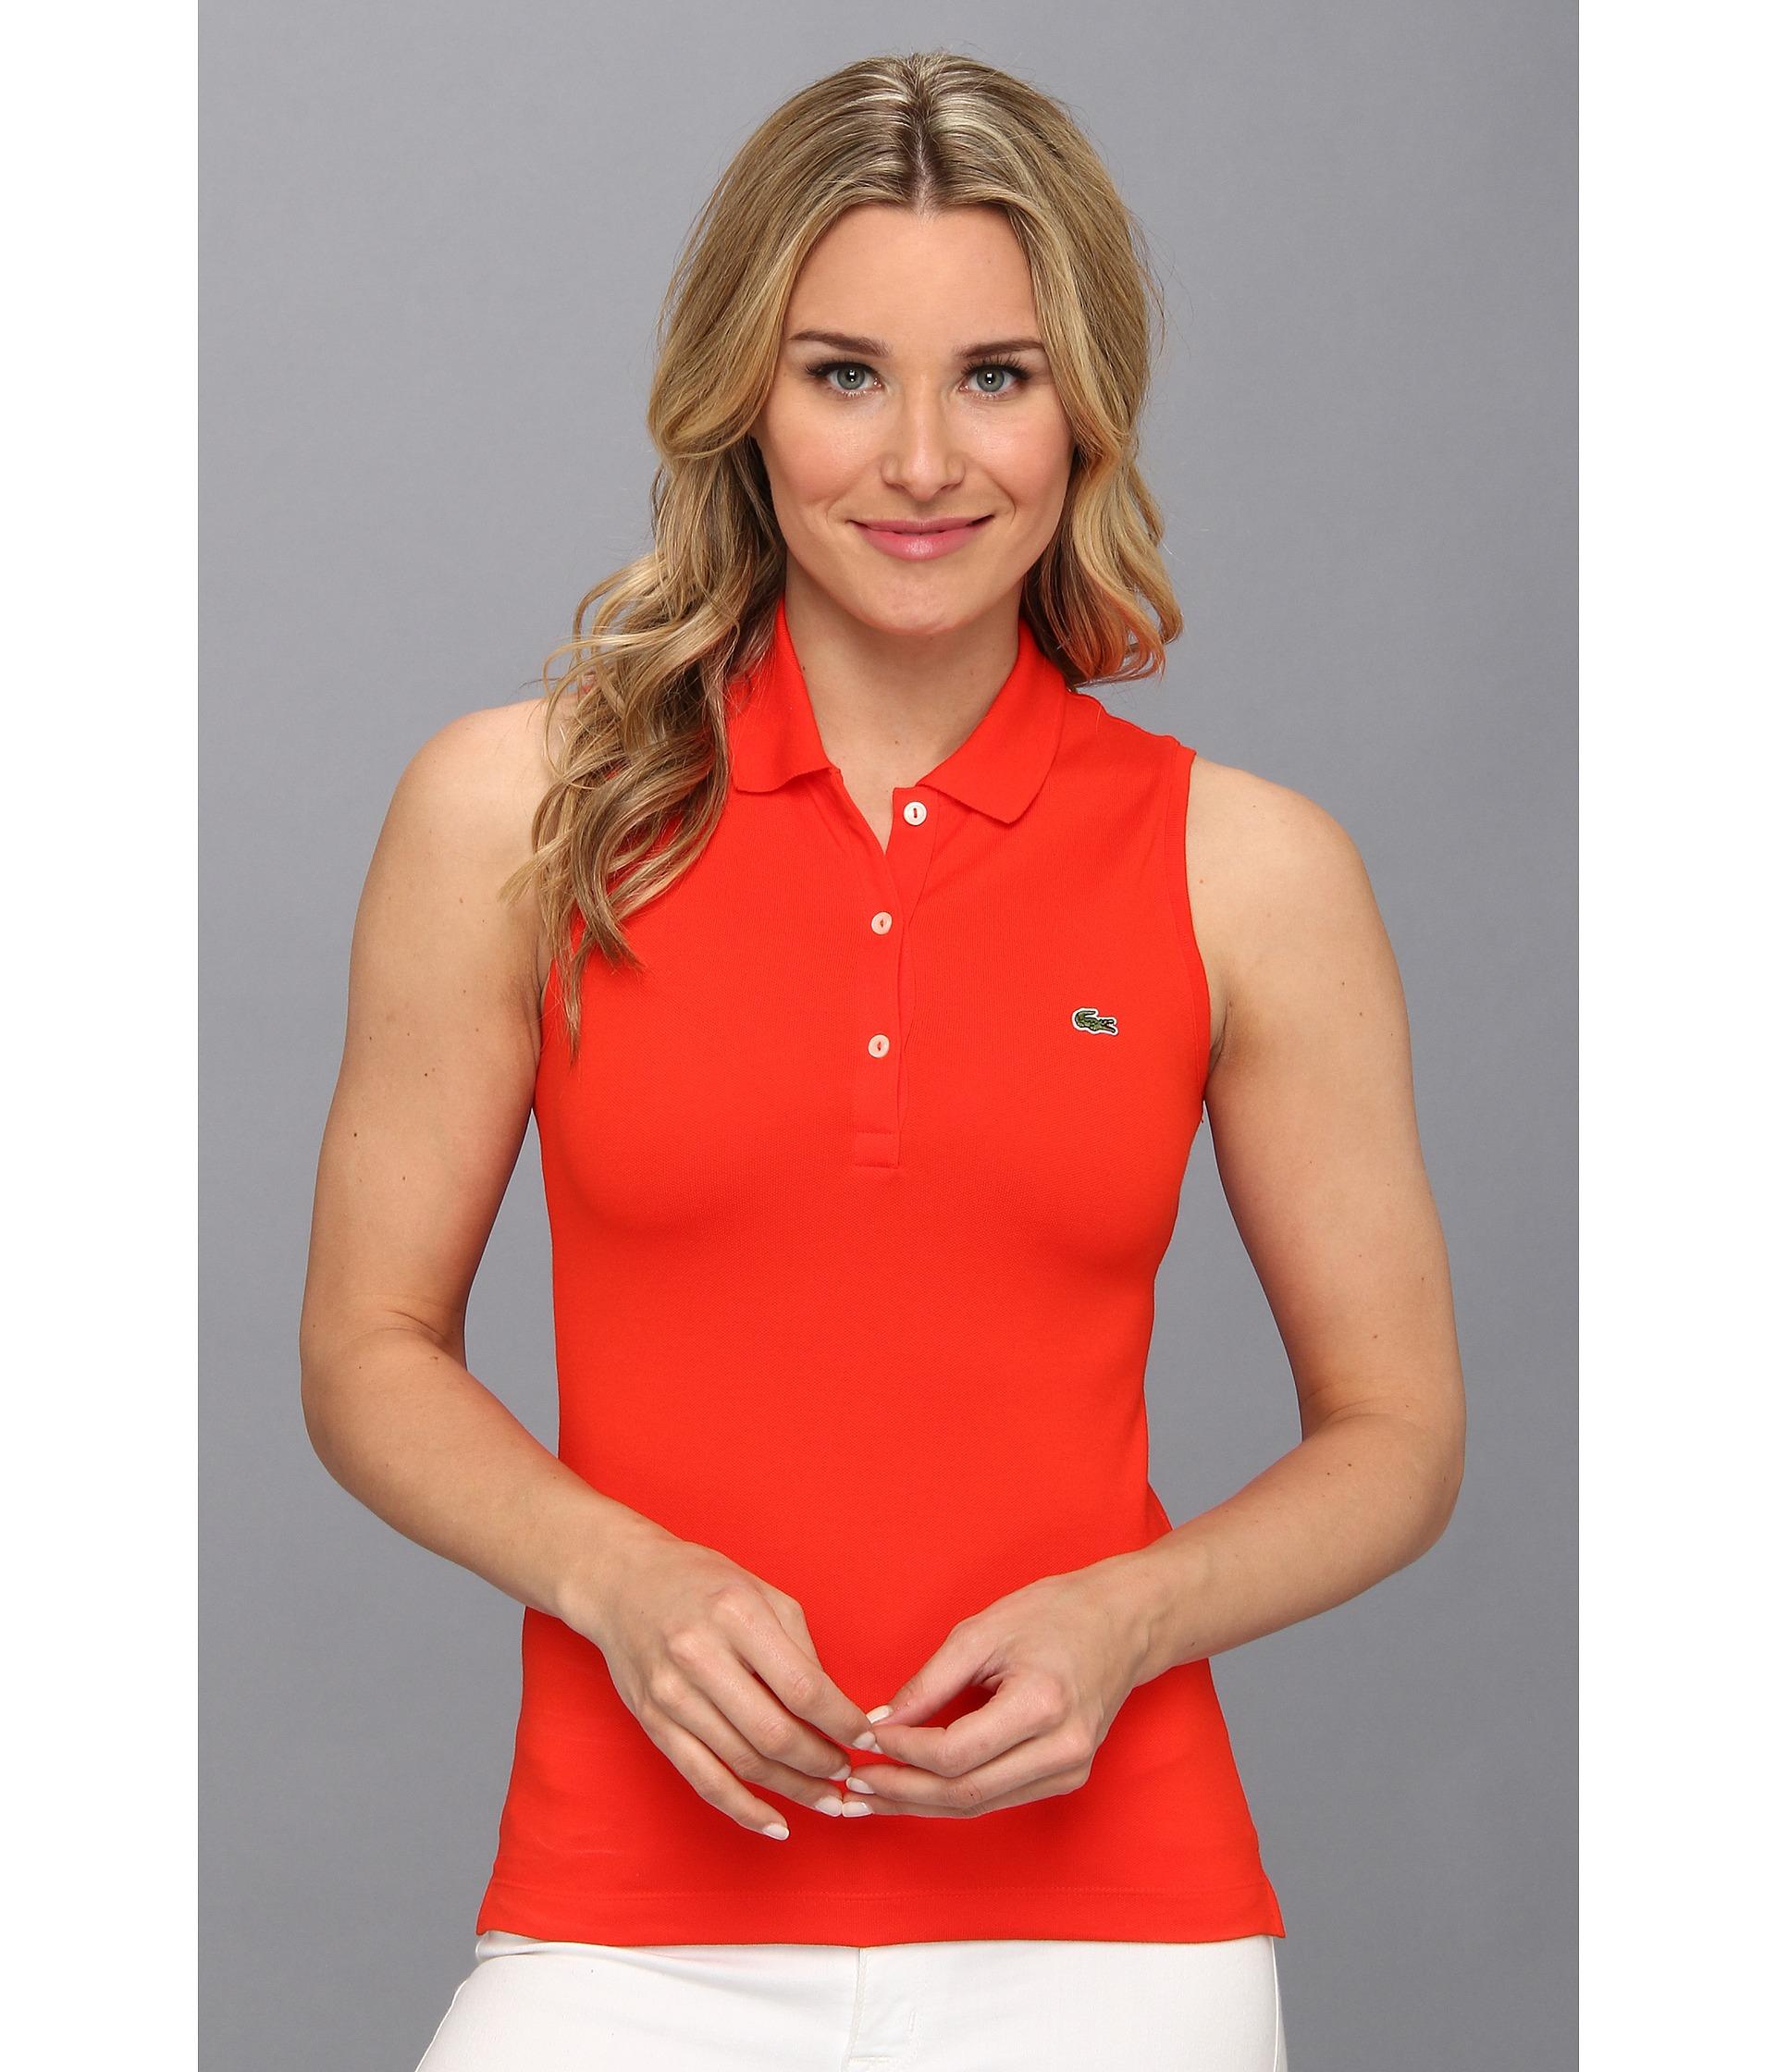 Womens Sleeveless Polo Shirt Uk Joe Maloy